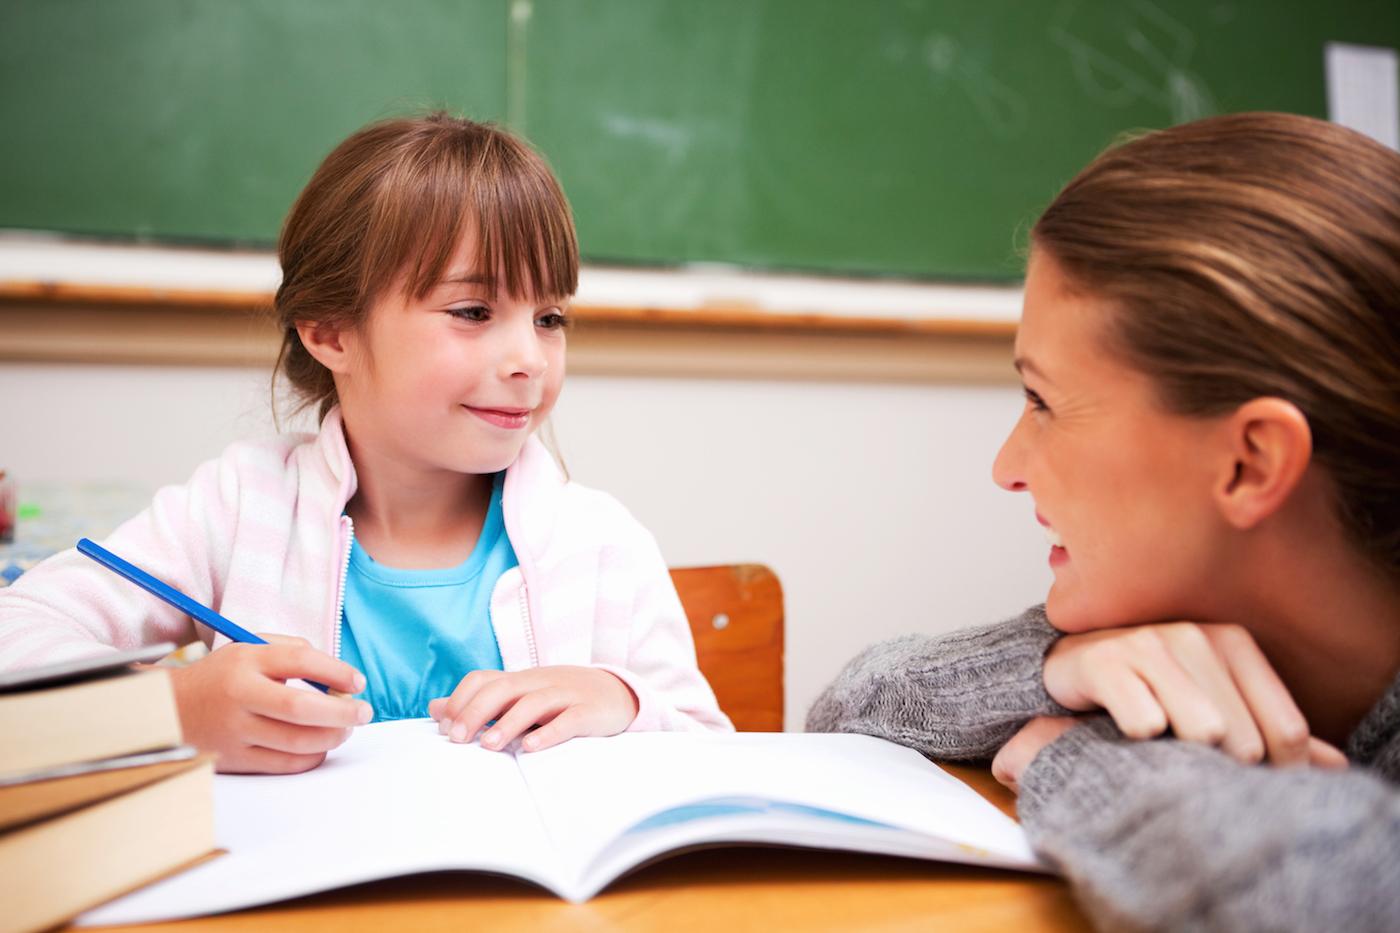 Có vô số các ứng dụng học tiếng Anh cho trẻ em giúp bố mẹ tham gia học tiếng Anh cùng con